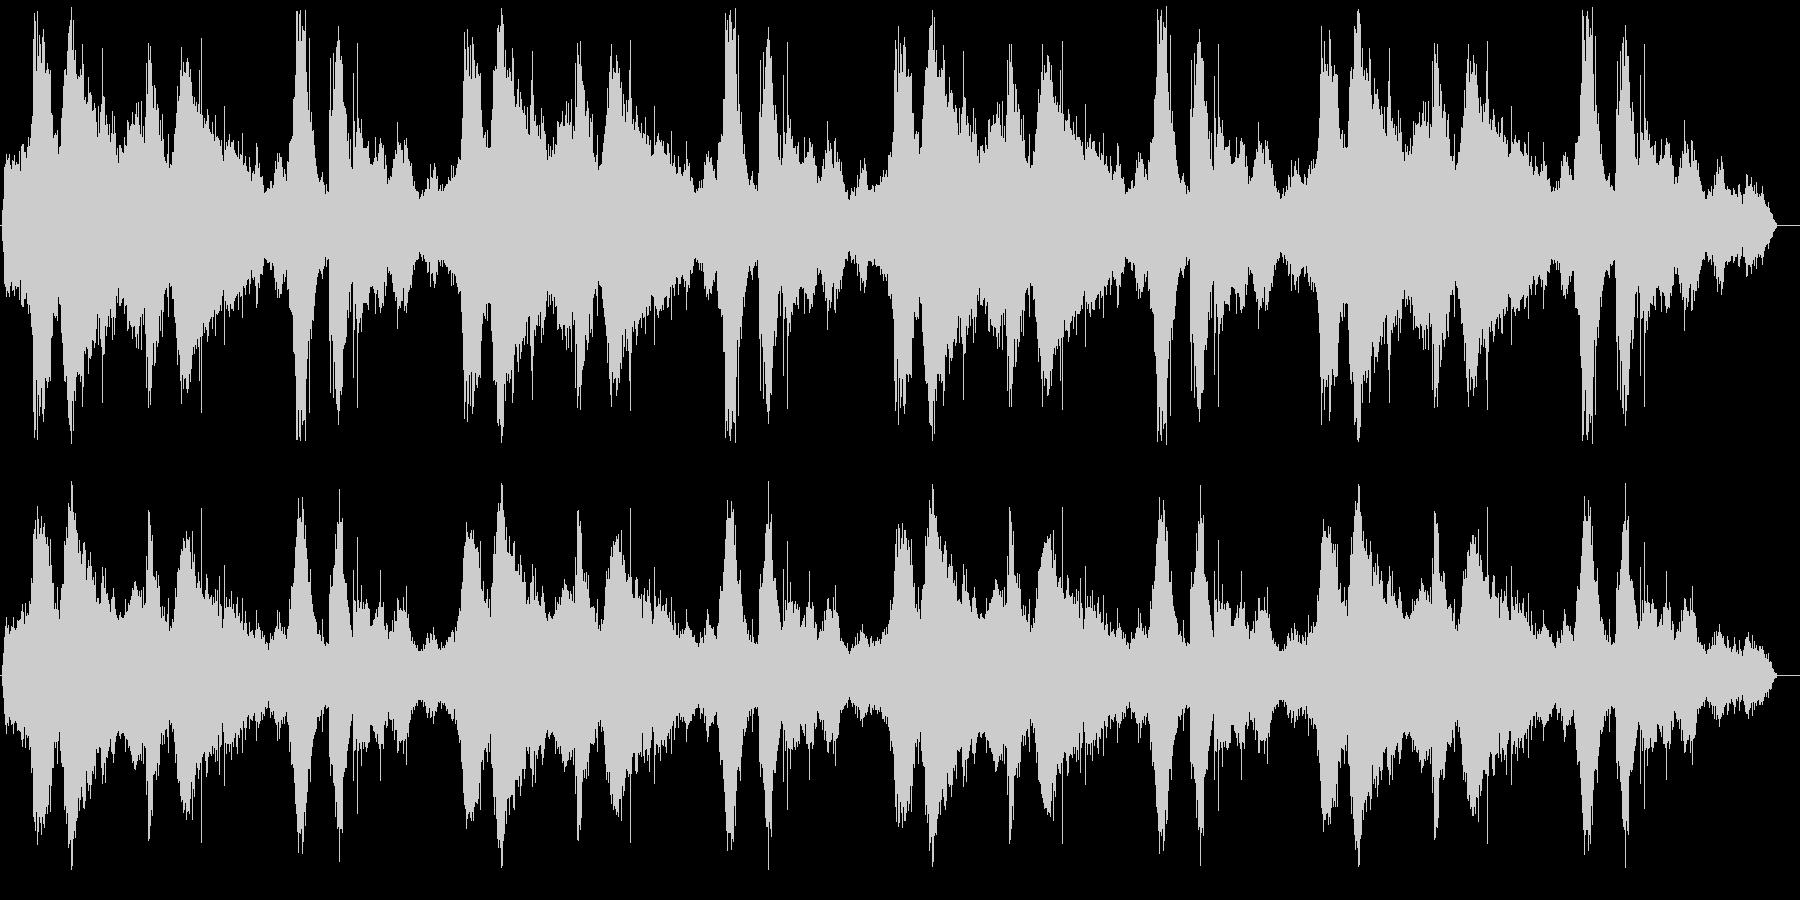 波の音の低音と高音をカットしたローファ…の未再生の波形